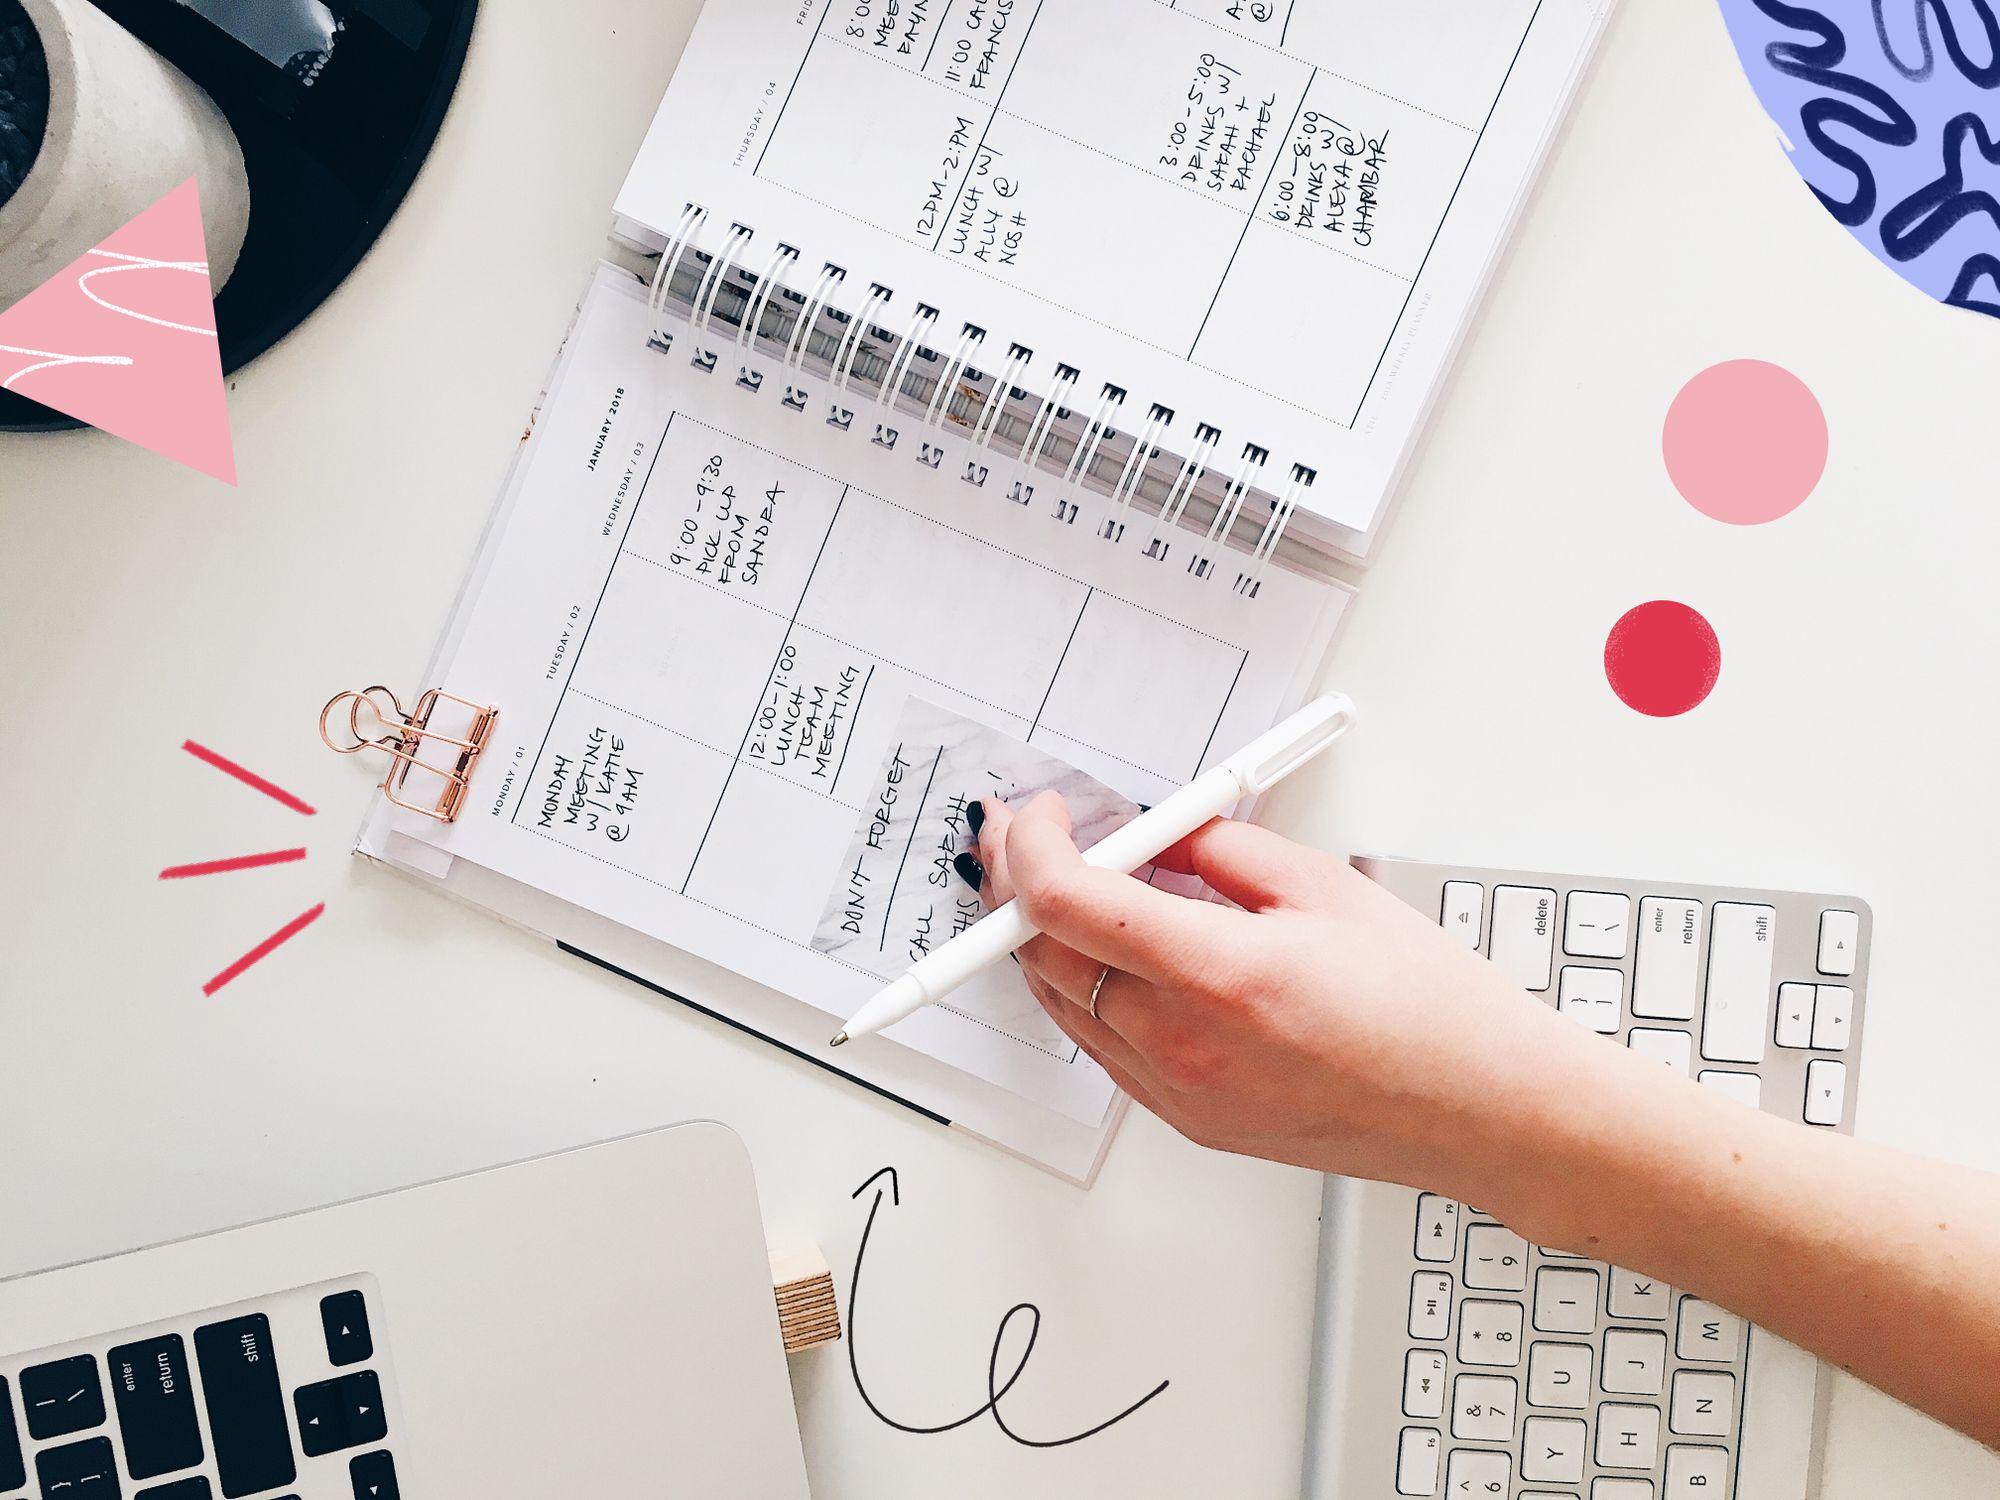 Hoe u tijd kunt besparen bij het plannen en maken van sociale media-inhoud